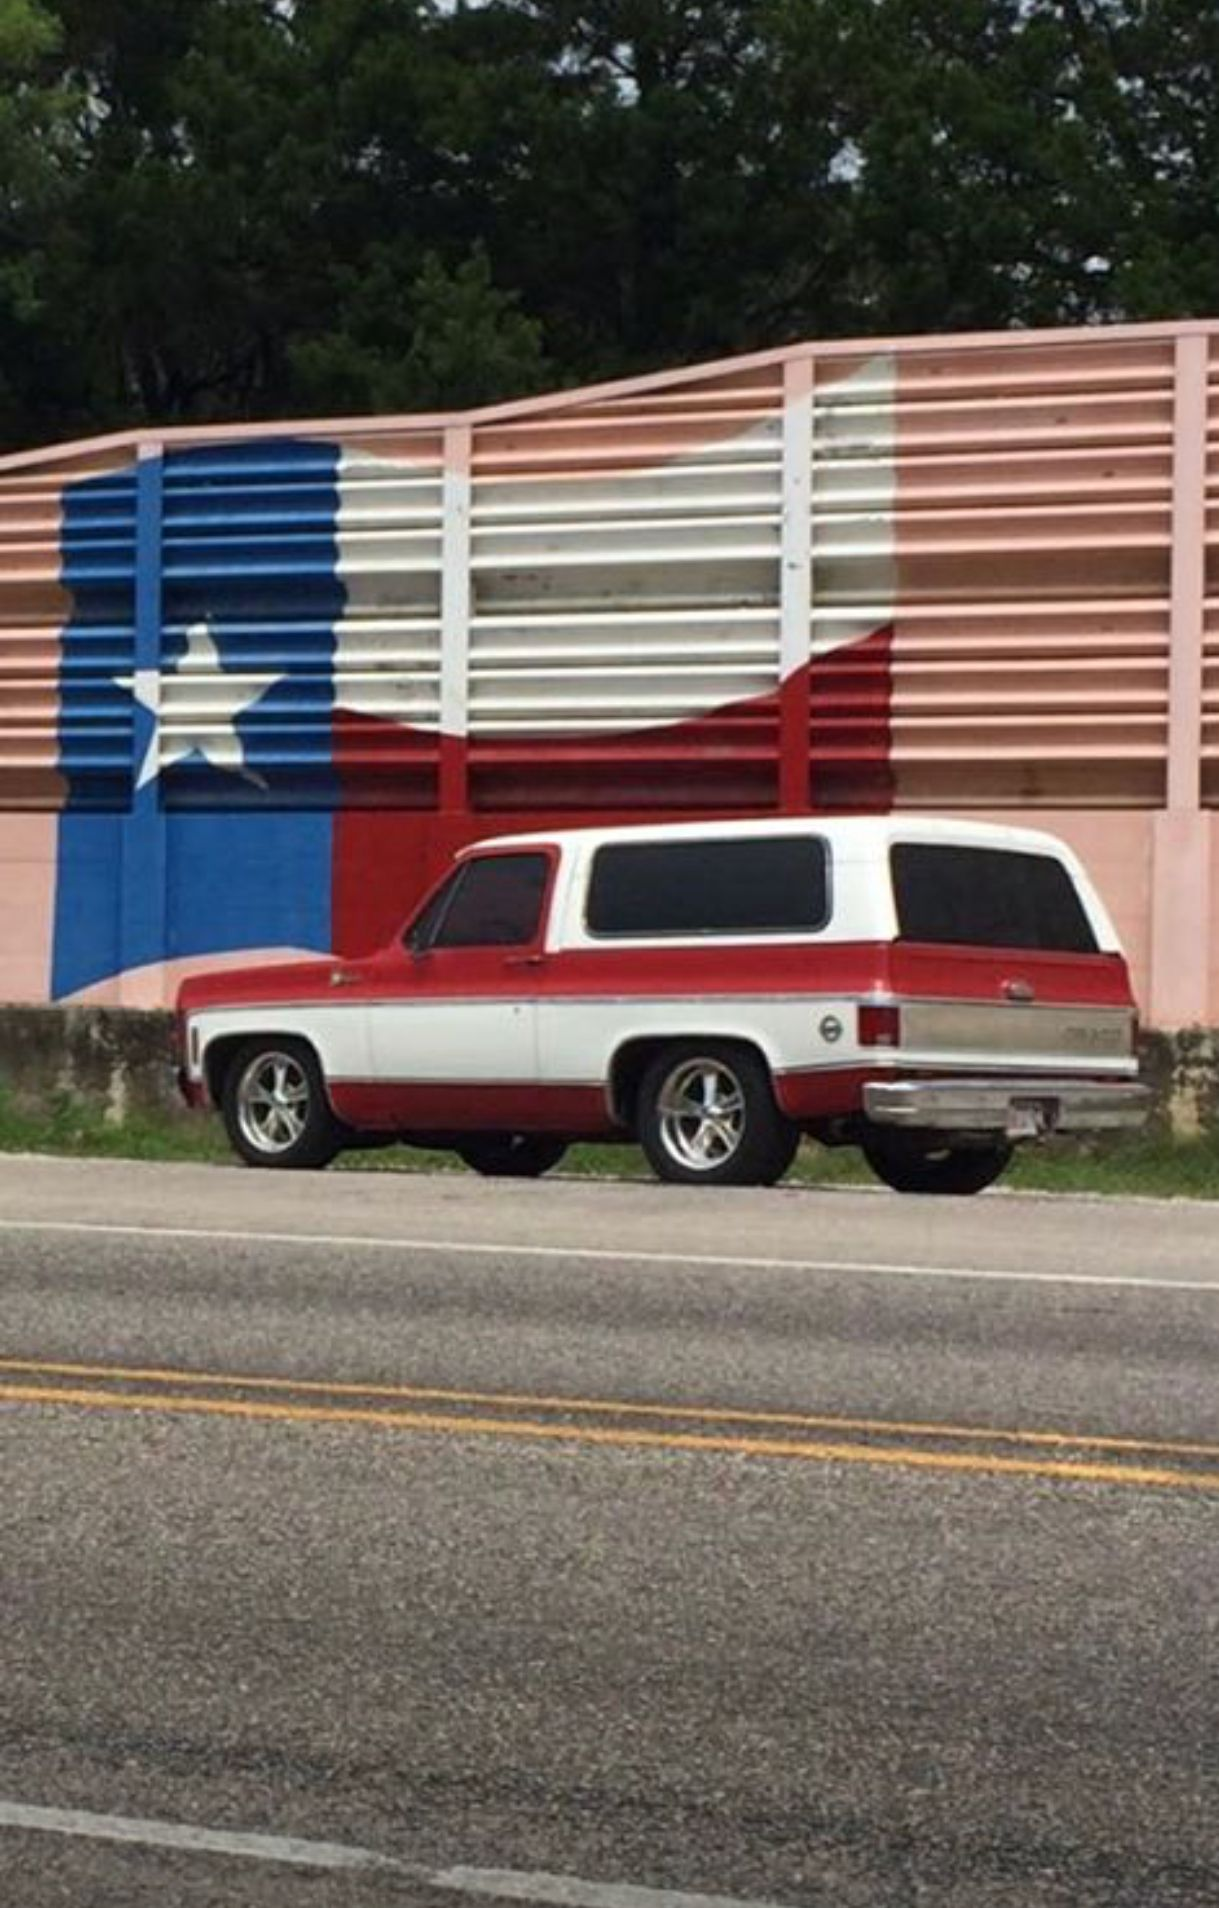 pin by super man on k5 blazer chevy blazer k5 hot rod trucks chevy trucks pinterest